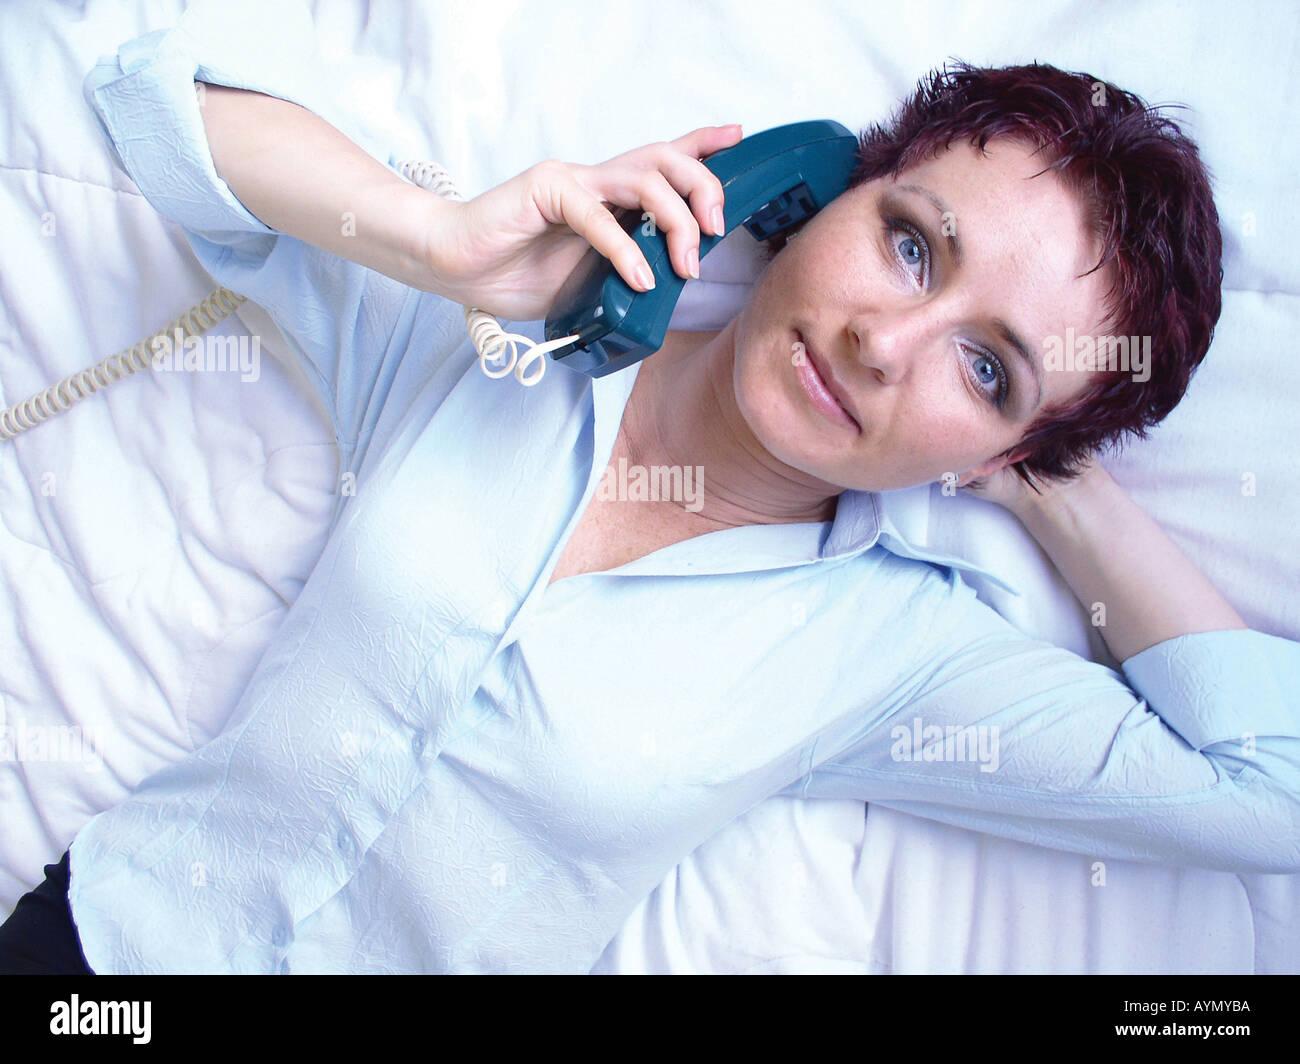 Telefonierende Frau - Stock Image